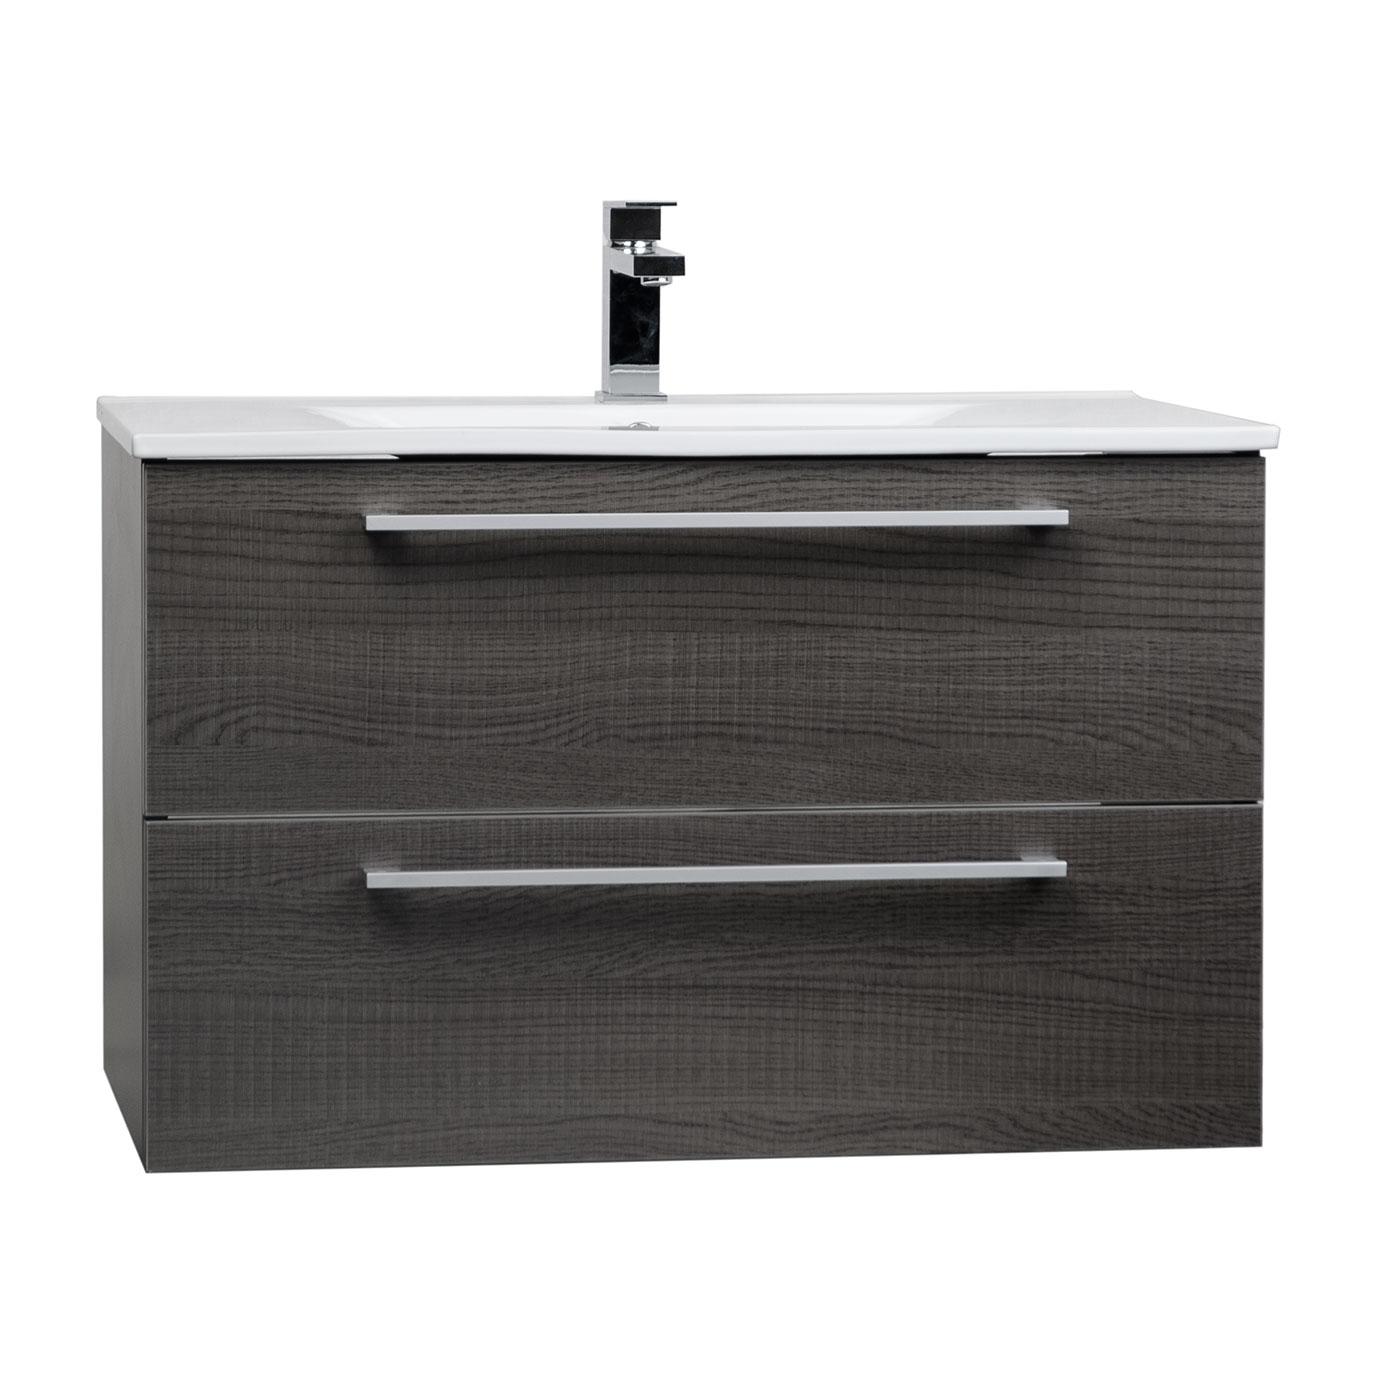 Buy 32 Inch Wall Mount Modern Bathroom Vanity Set Oak Rs Dm800 Oak On Free